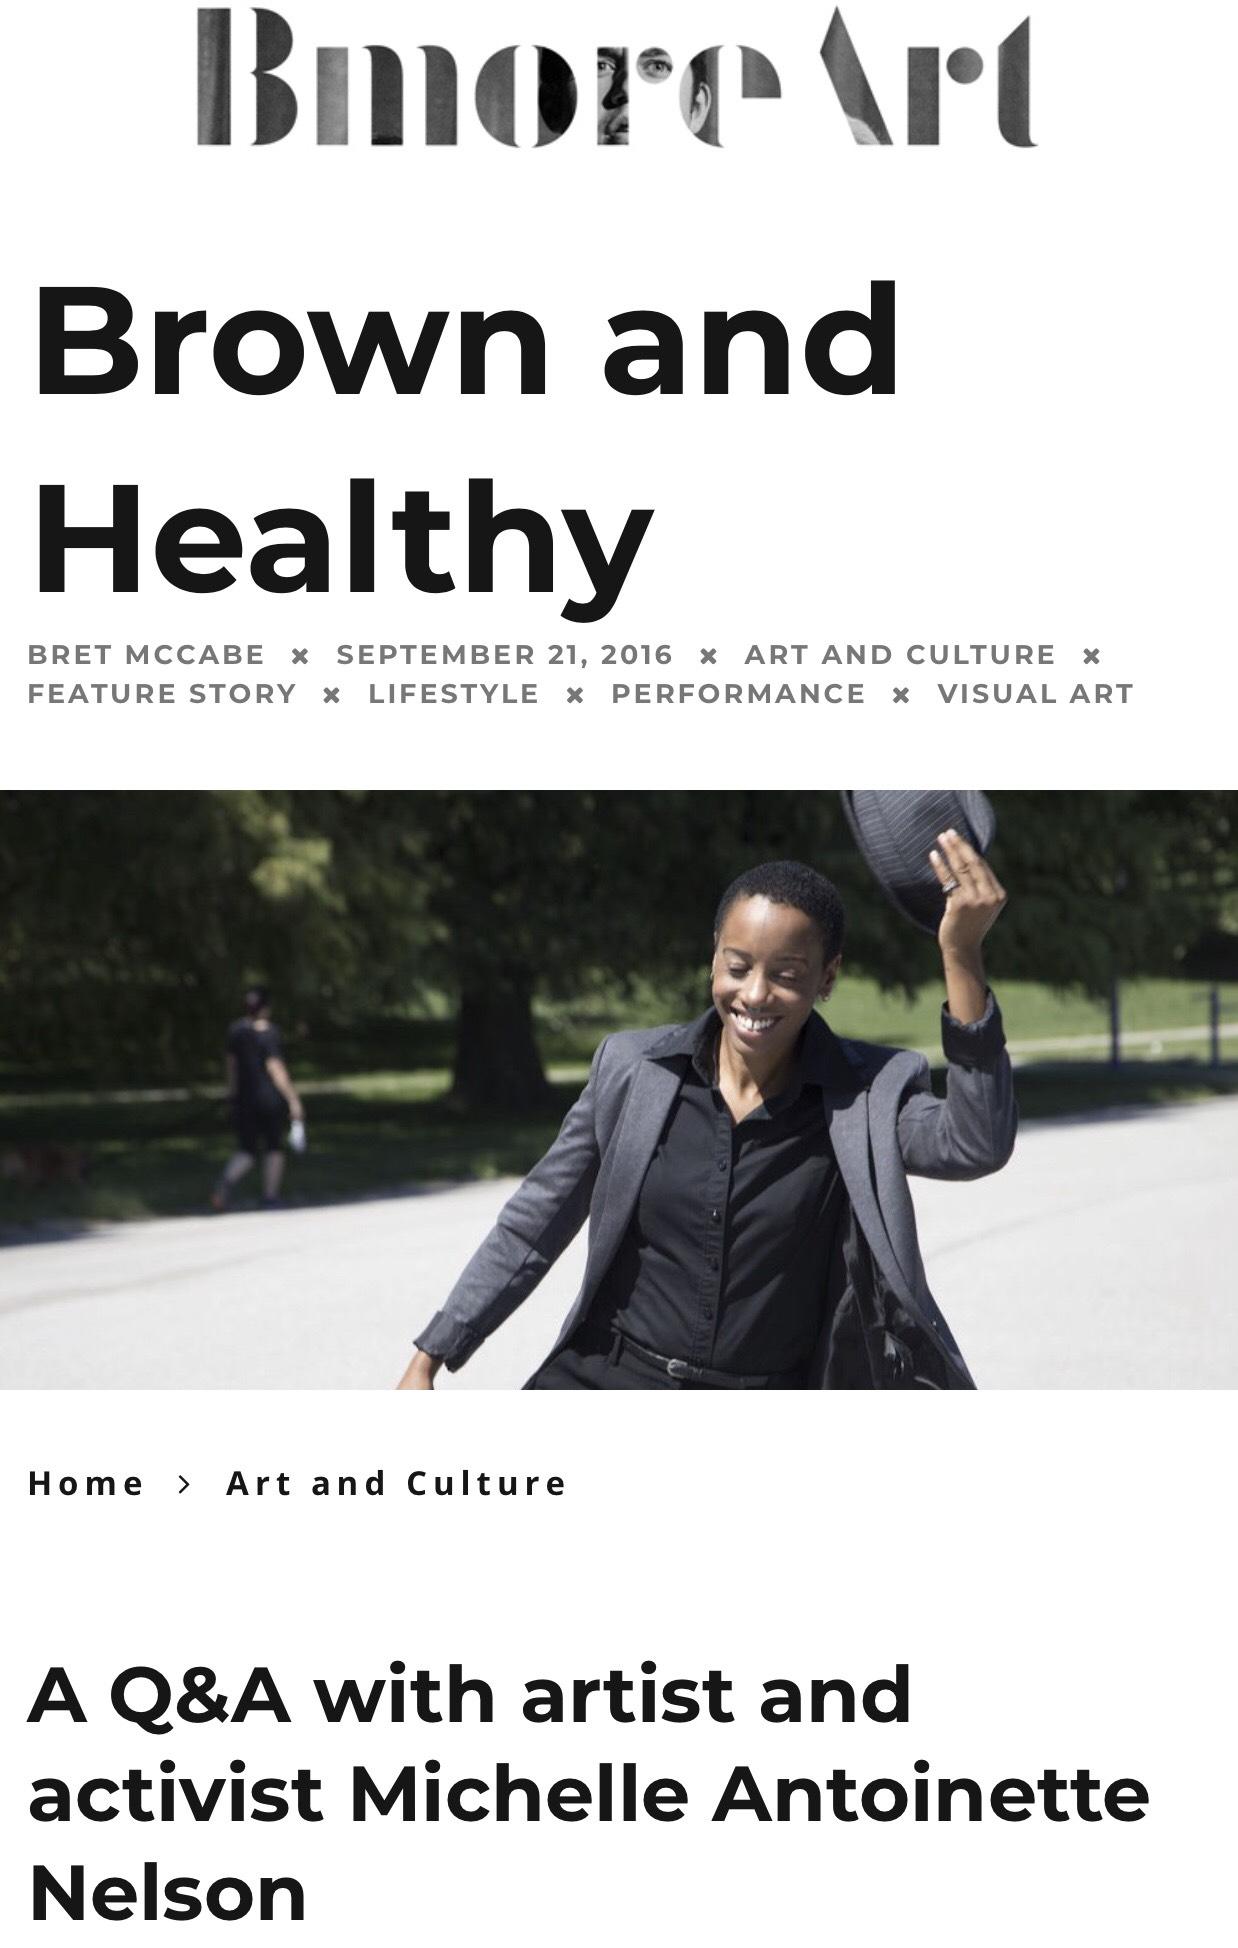 Bmore Art Magazine -